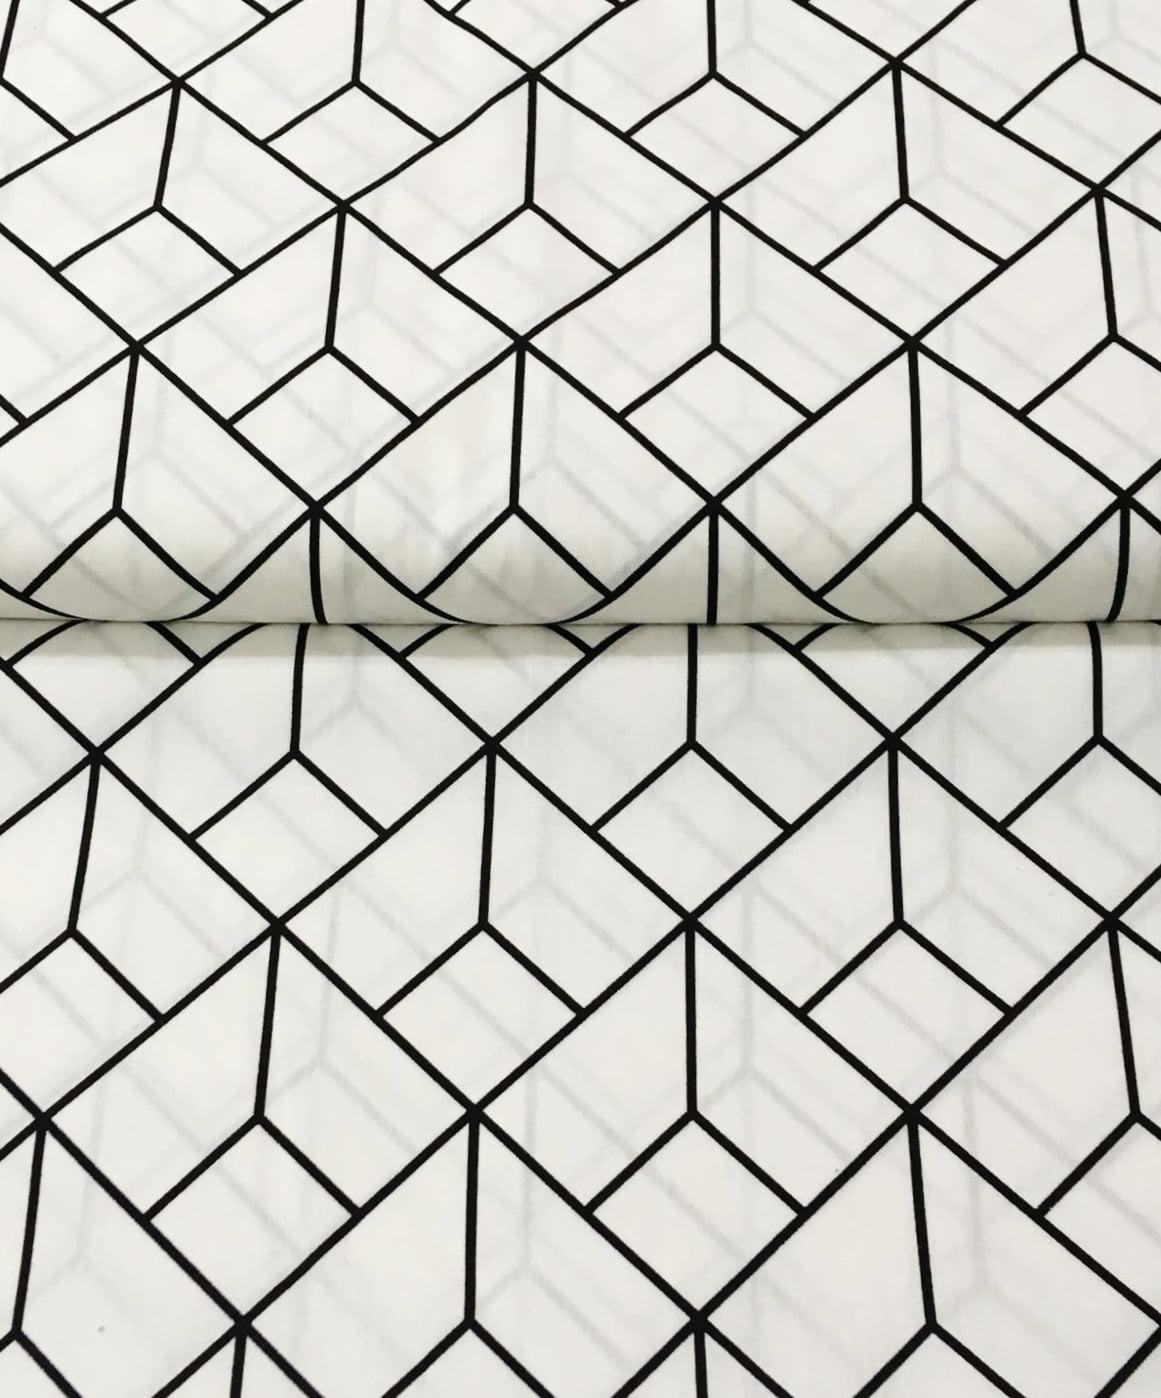 Tecido Monochrome Square Preto